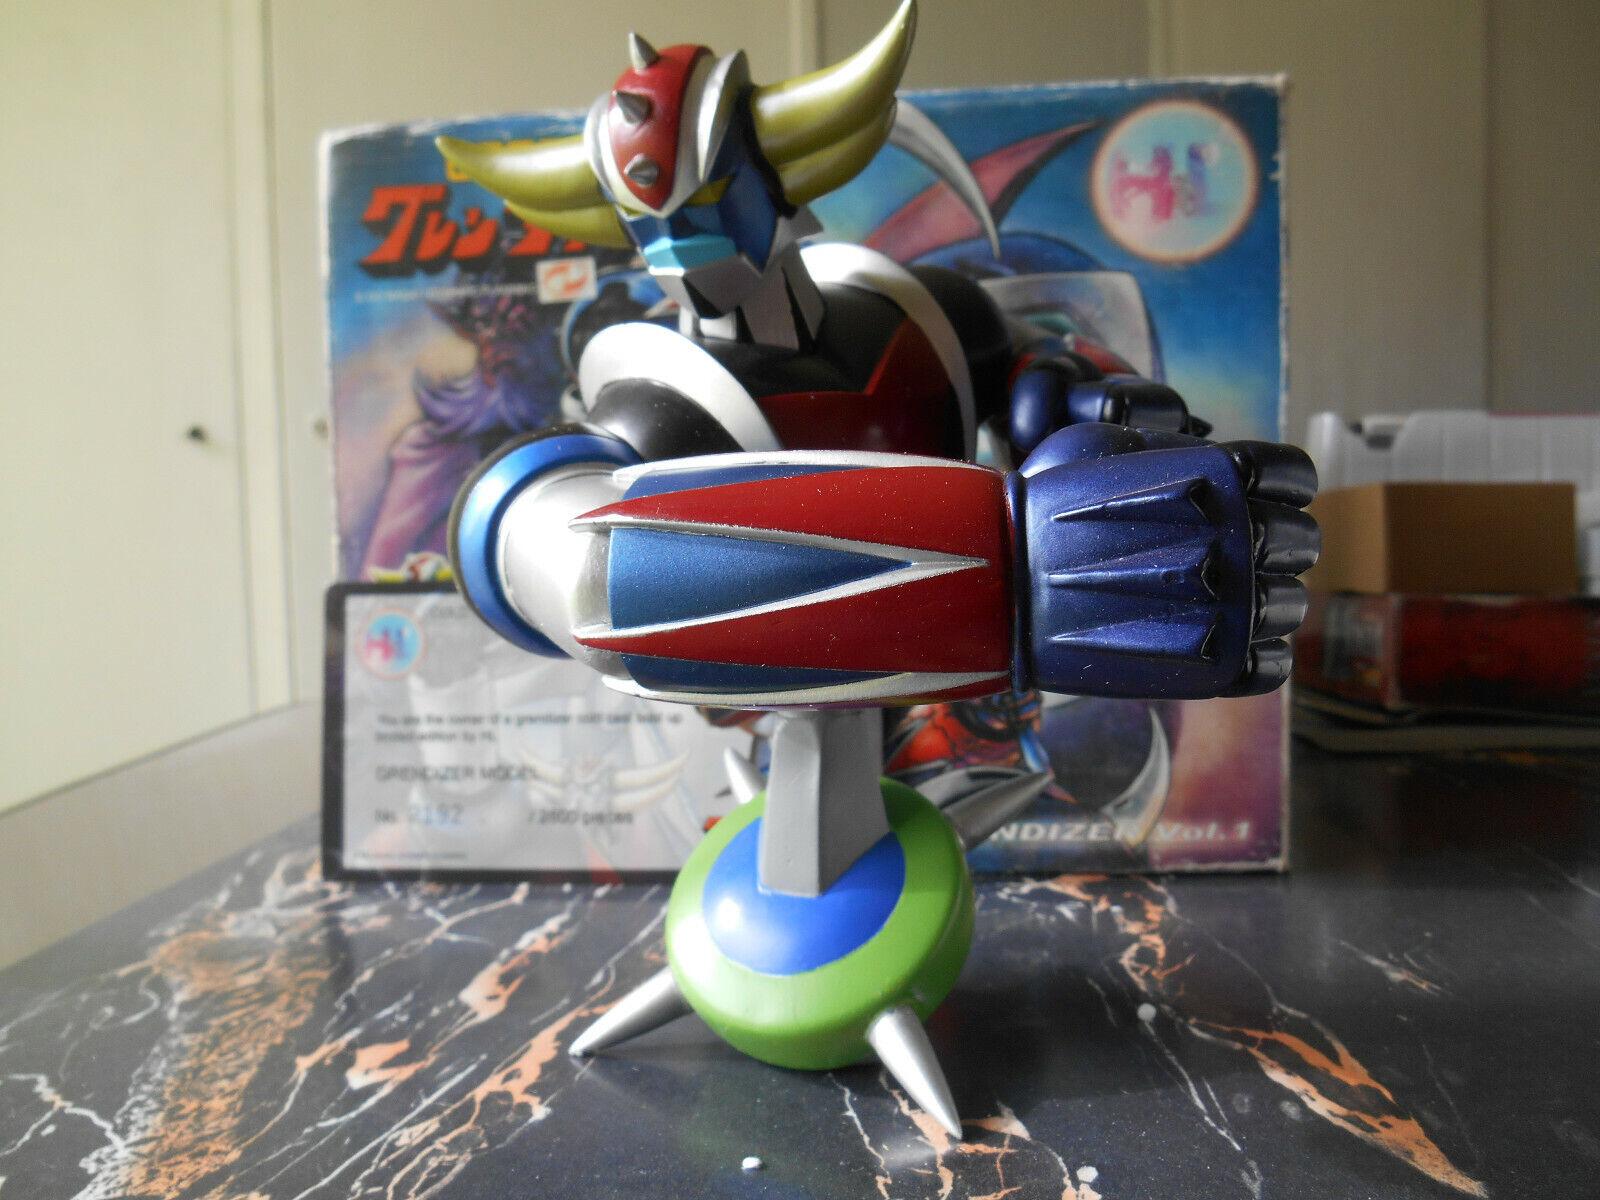 Buste Buste Buste oroorak - grendizer - ufo robot  figurine with scatola boite limited edizione 9e2128